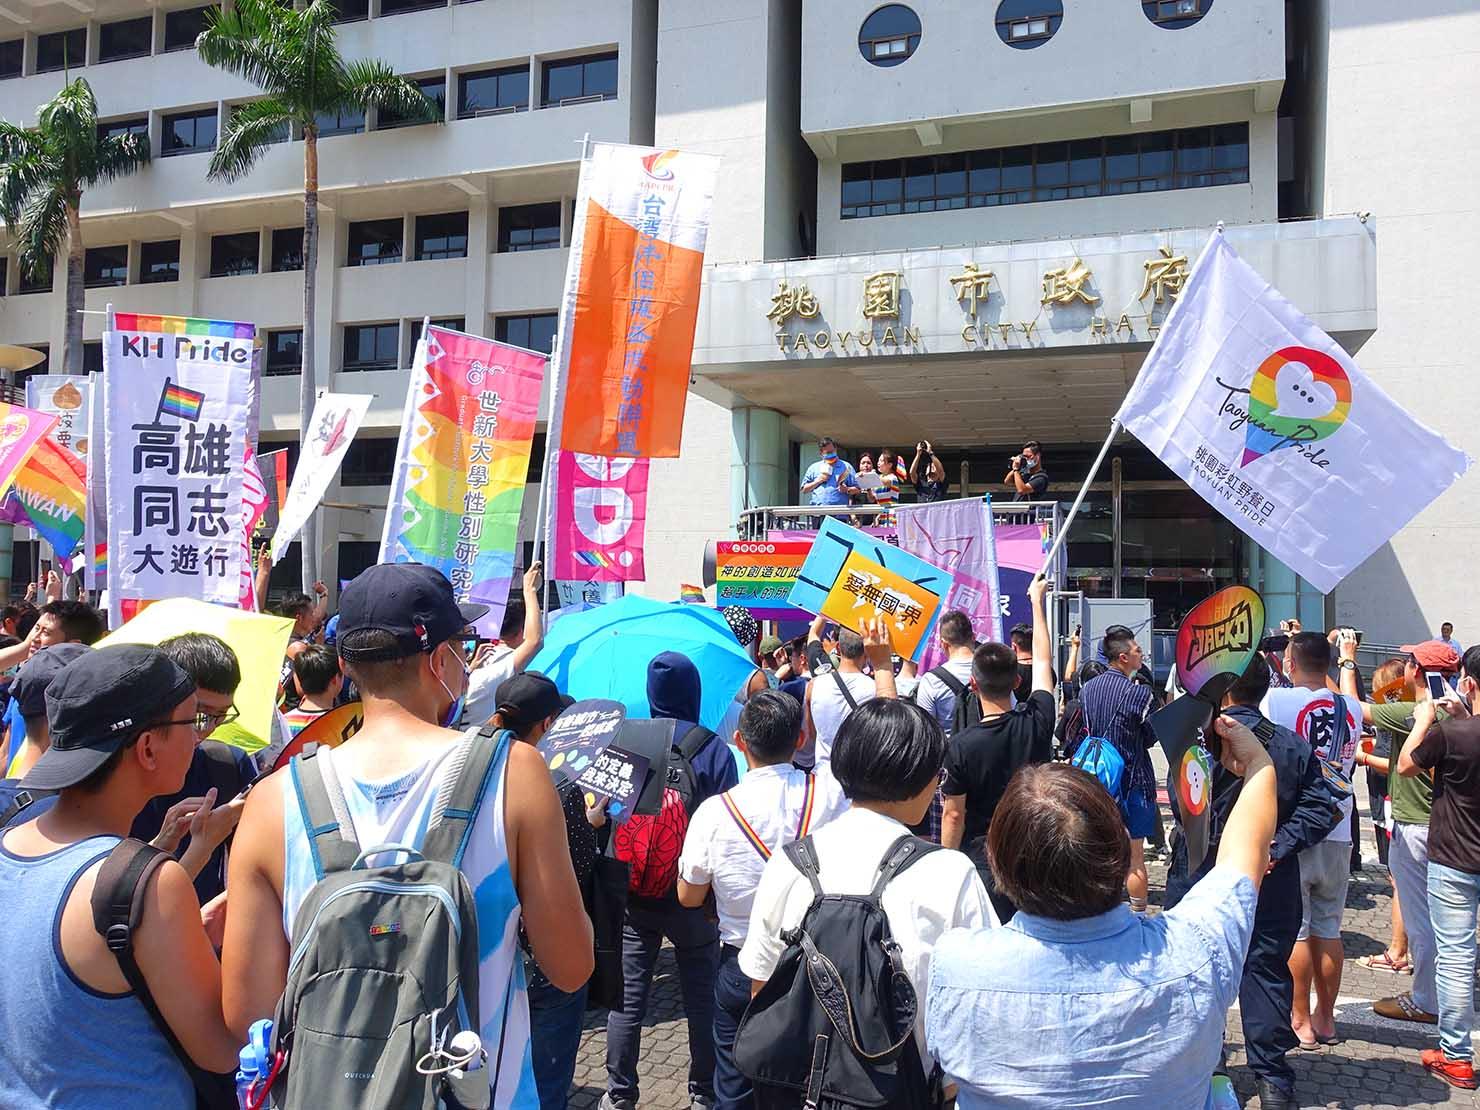 台湾・桃園のLGBTプライド「桃園彩虹野餐日」2020のスタート地点・桃園市政府前に集まる参加者たち